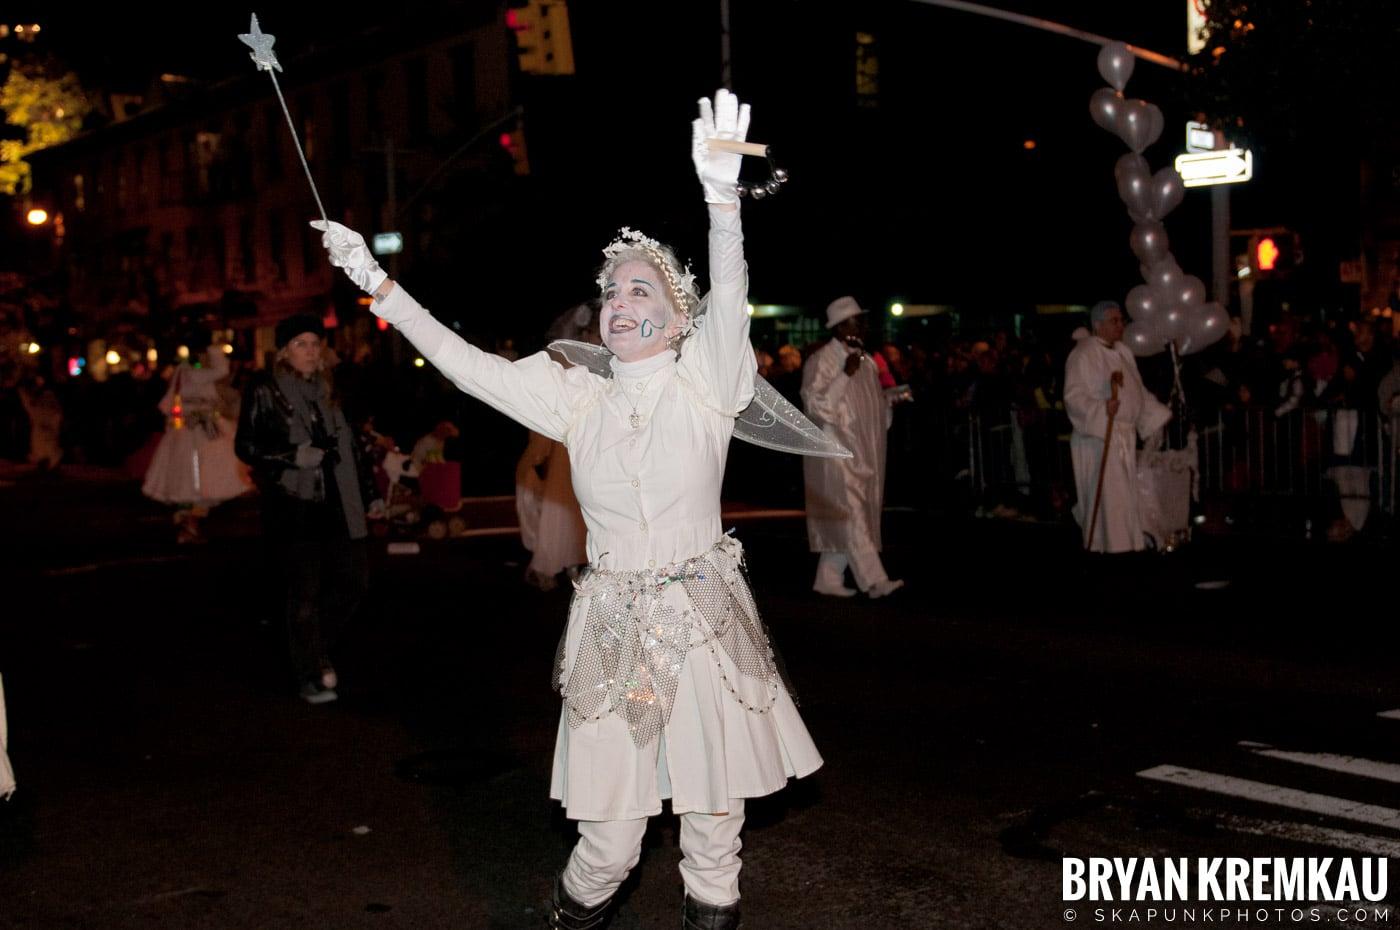 NYC Halloween Parade 2011 @ New York, NY - 10.31.11 (99)